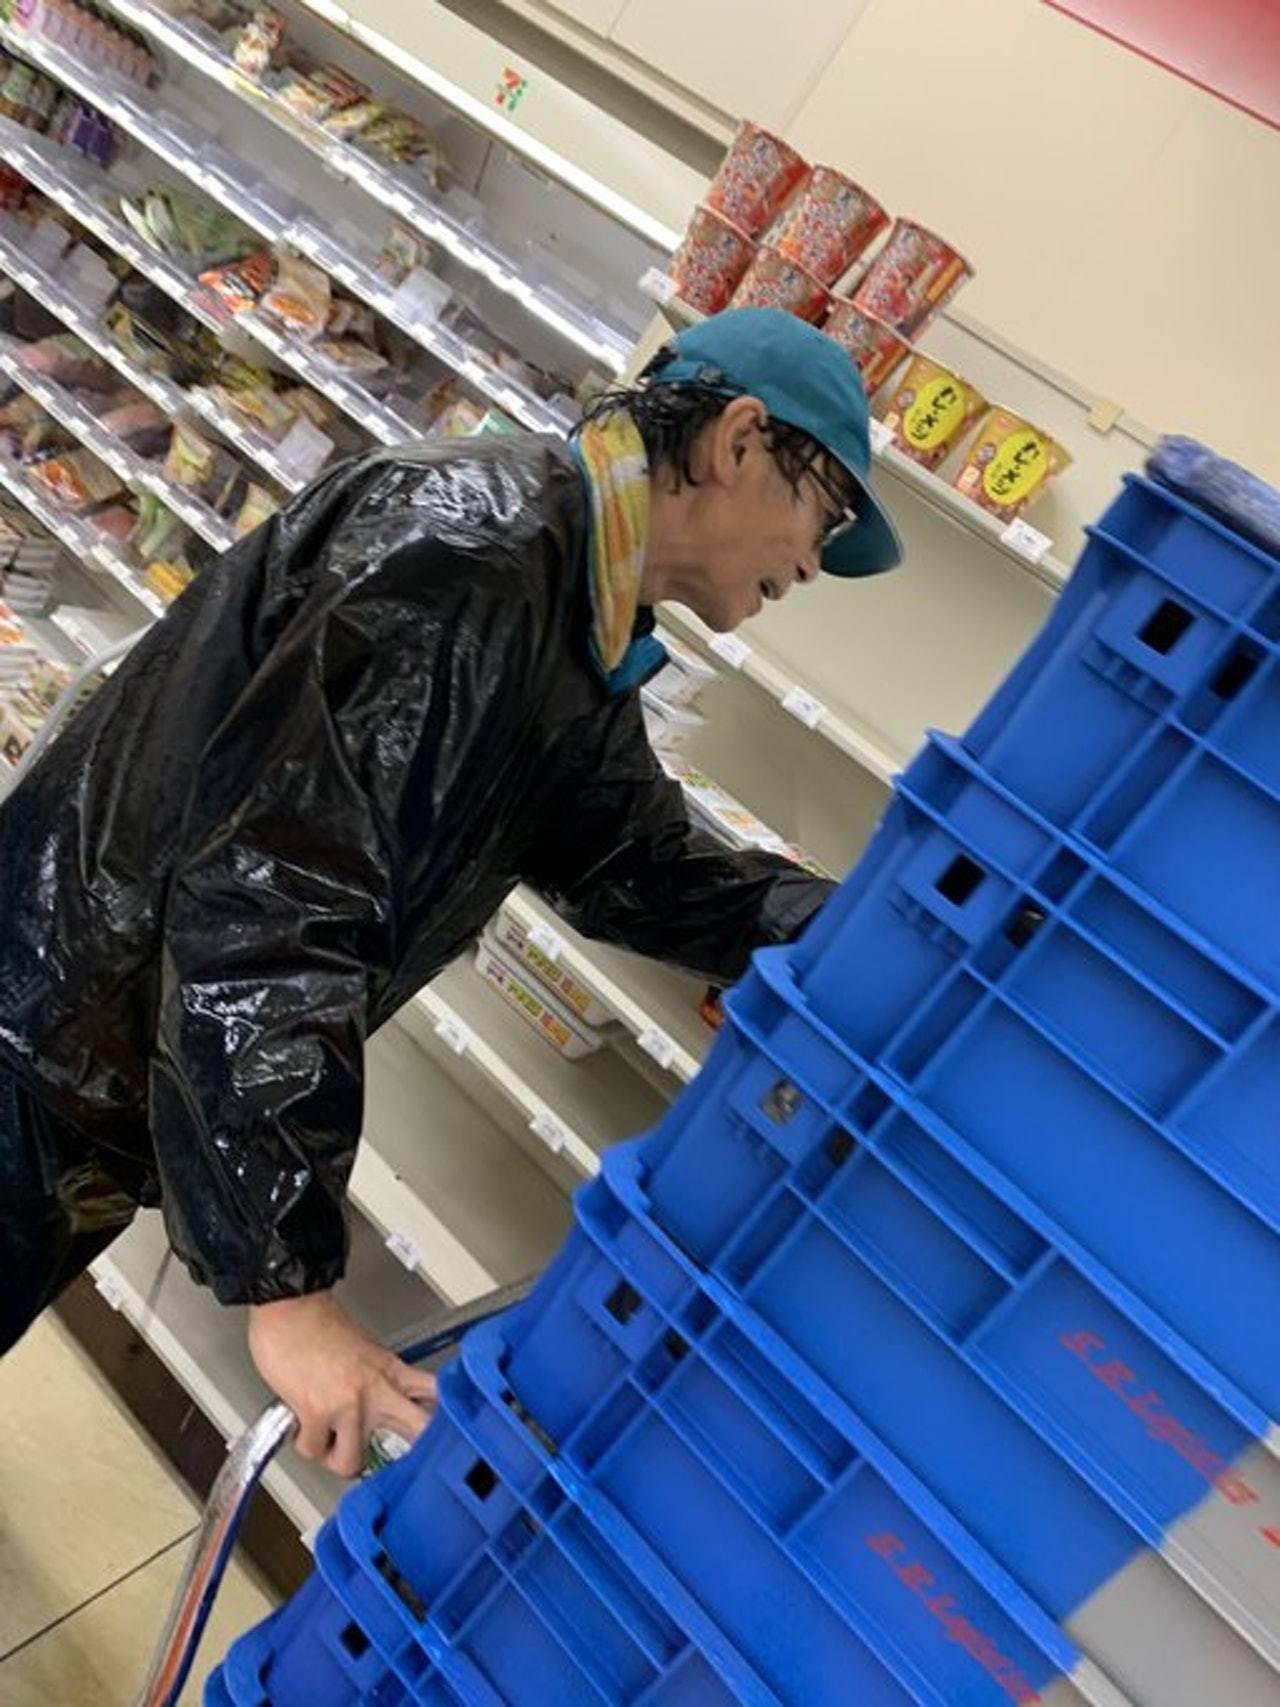 樓主表示光顧住所附近一間7-11便利店,但發現店內所有食品都被清空,正當非常無助...